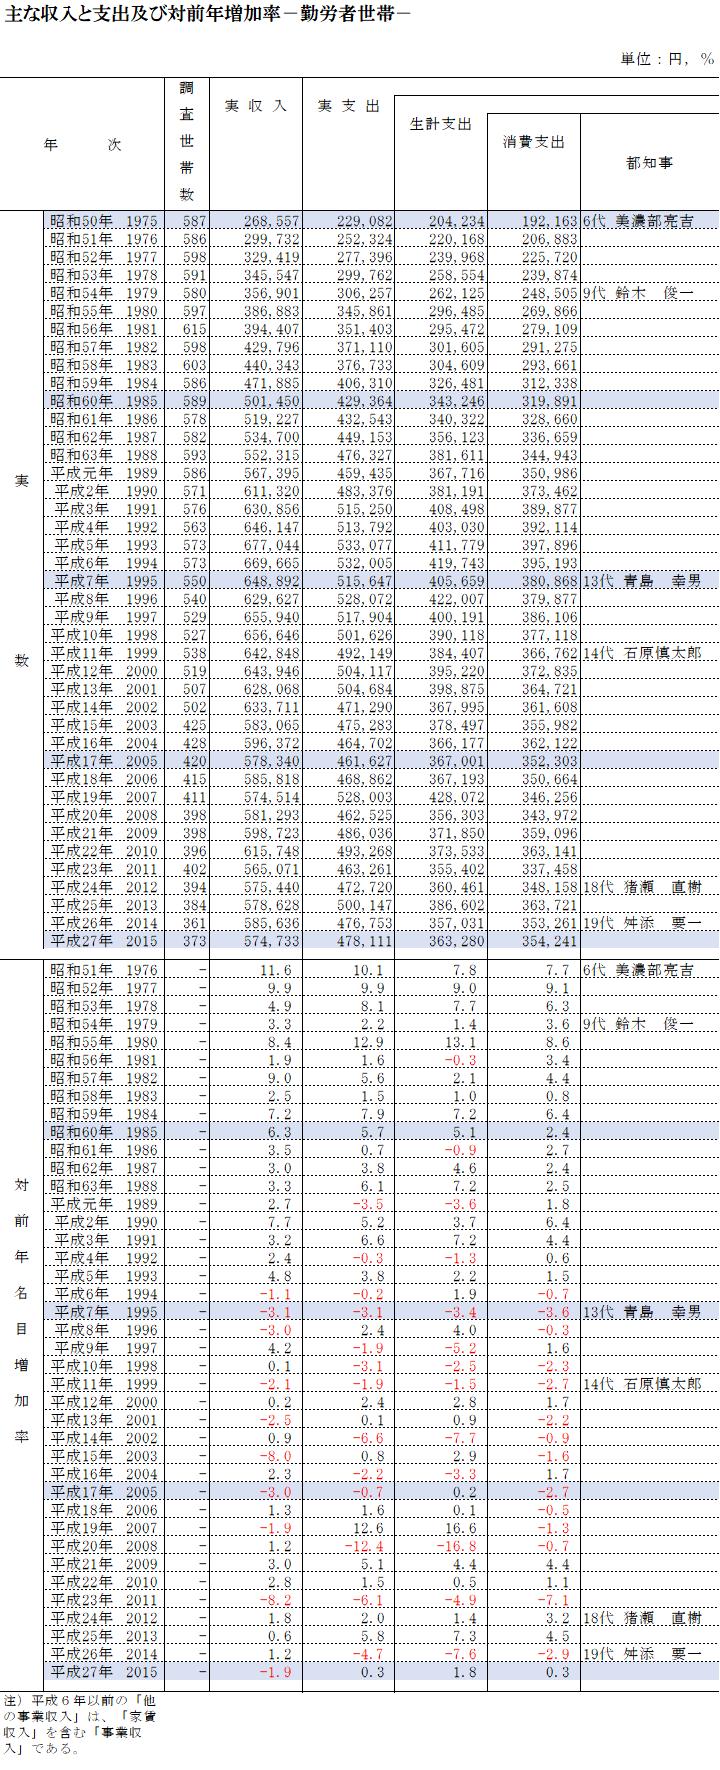 主な収入と支出及び対前年増加率-勤労者世帯-1